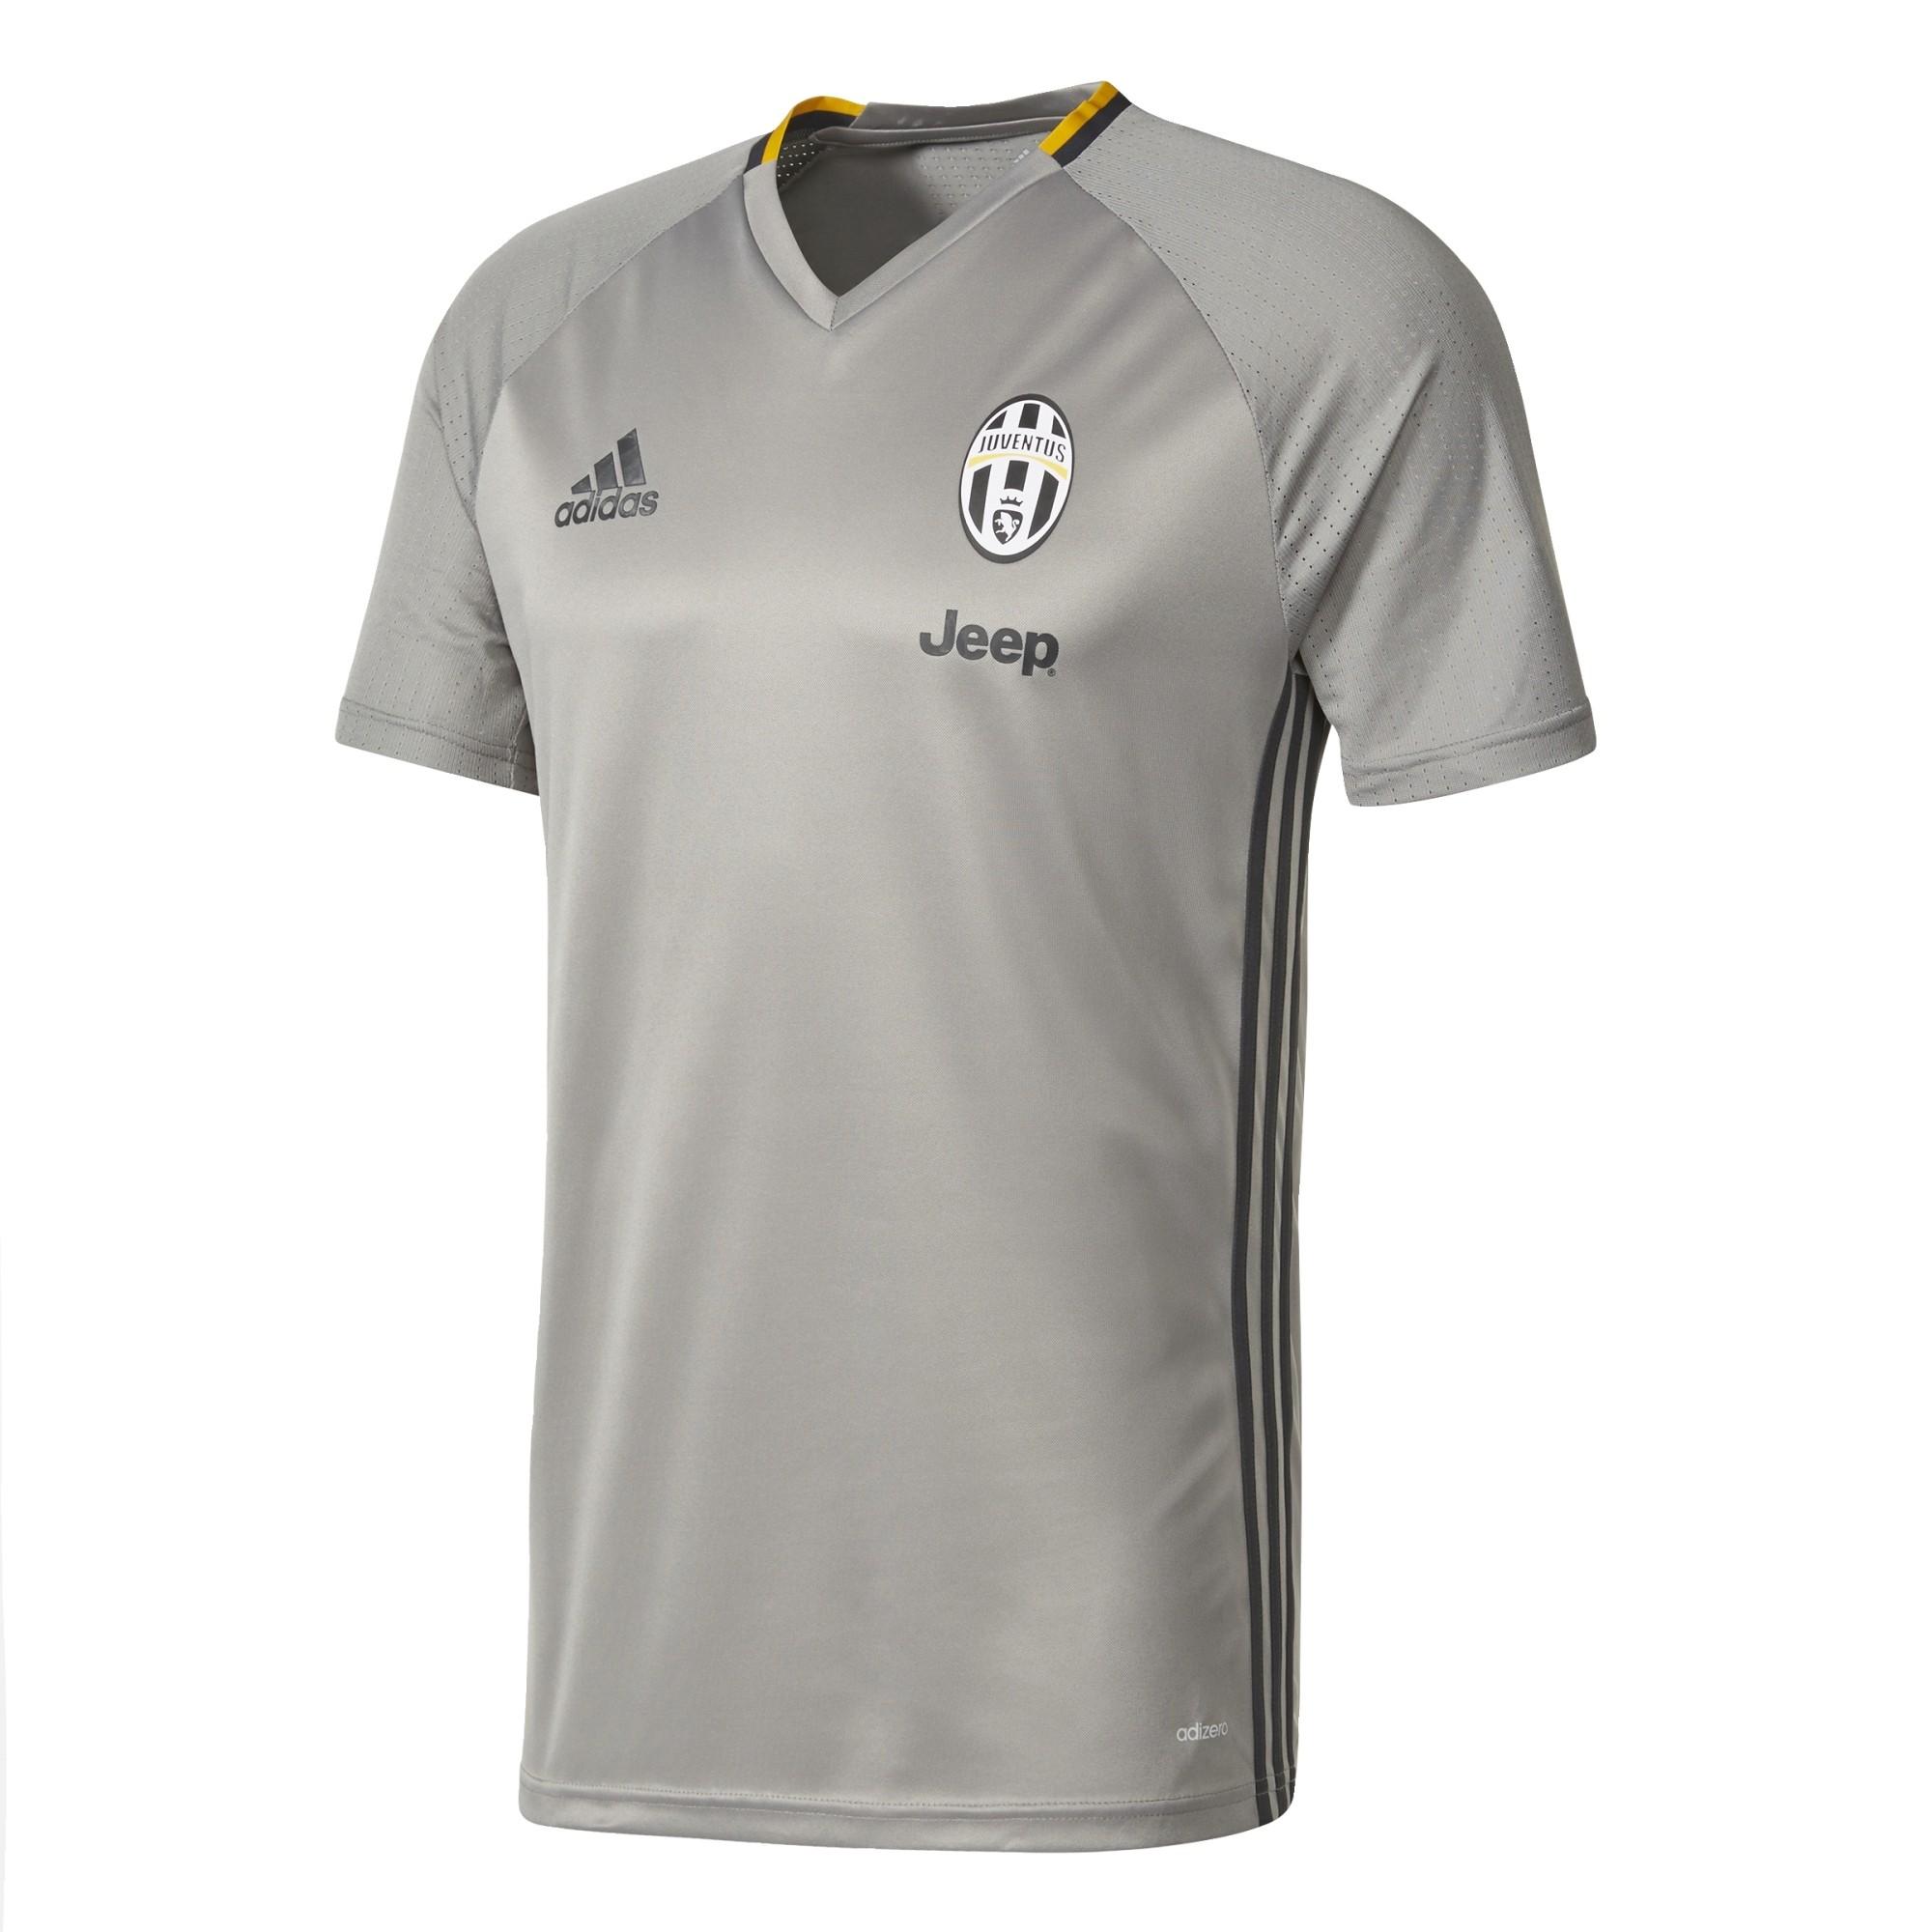 Juventus Fc training jersey grey 2016/17 Adidas